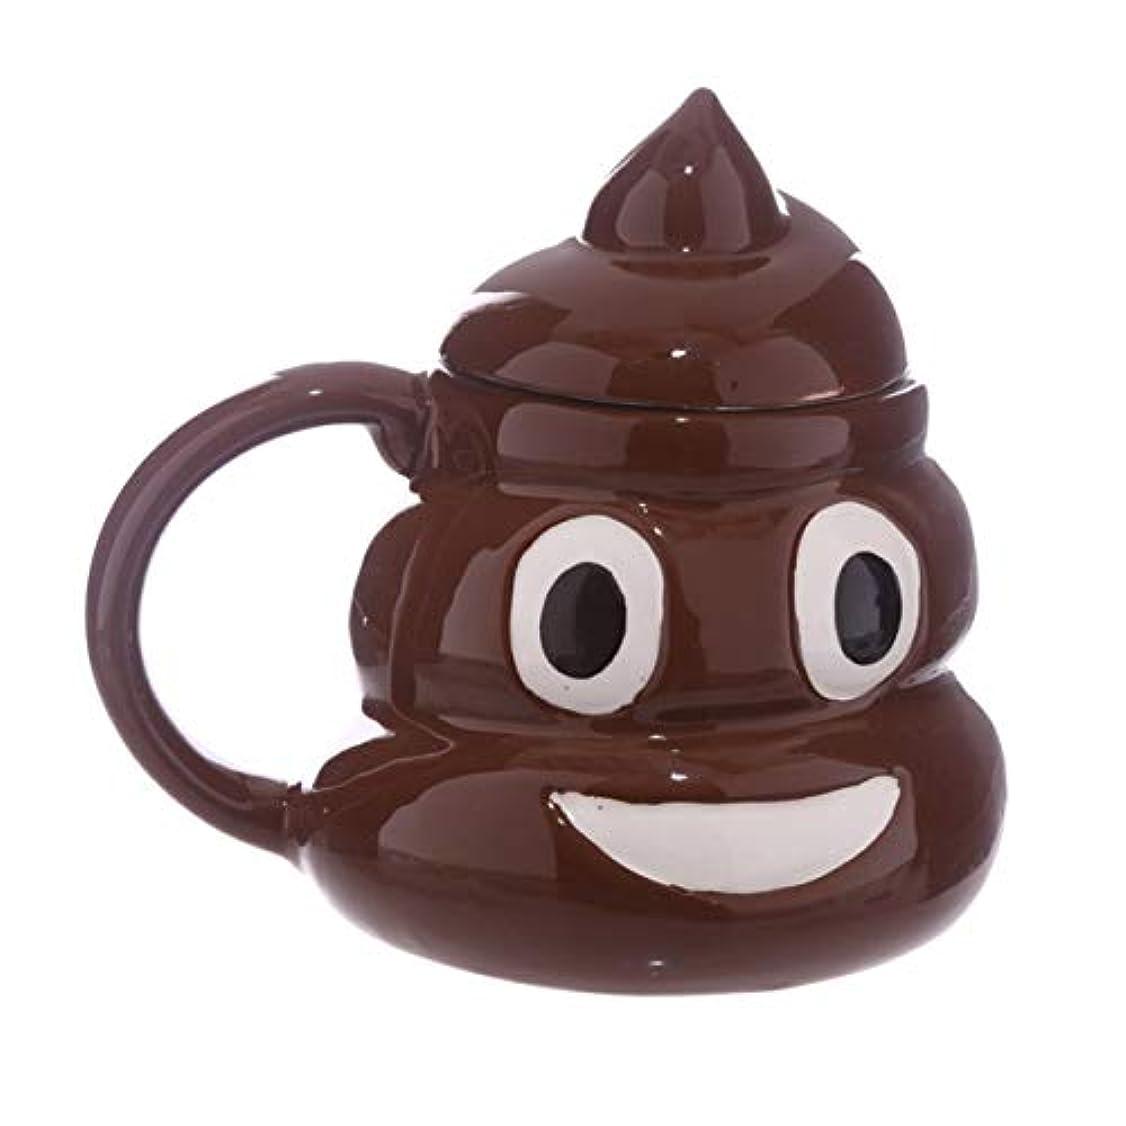 ボルト所有権ましいSaikogoods 3Dおかしい絵文字マグ特殊セラミックコーヒーカップかわいいティーカップ磁器カップノベルティミルクマグフレンズファミリーギフト 褐色